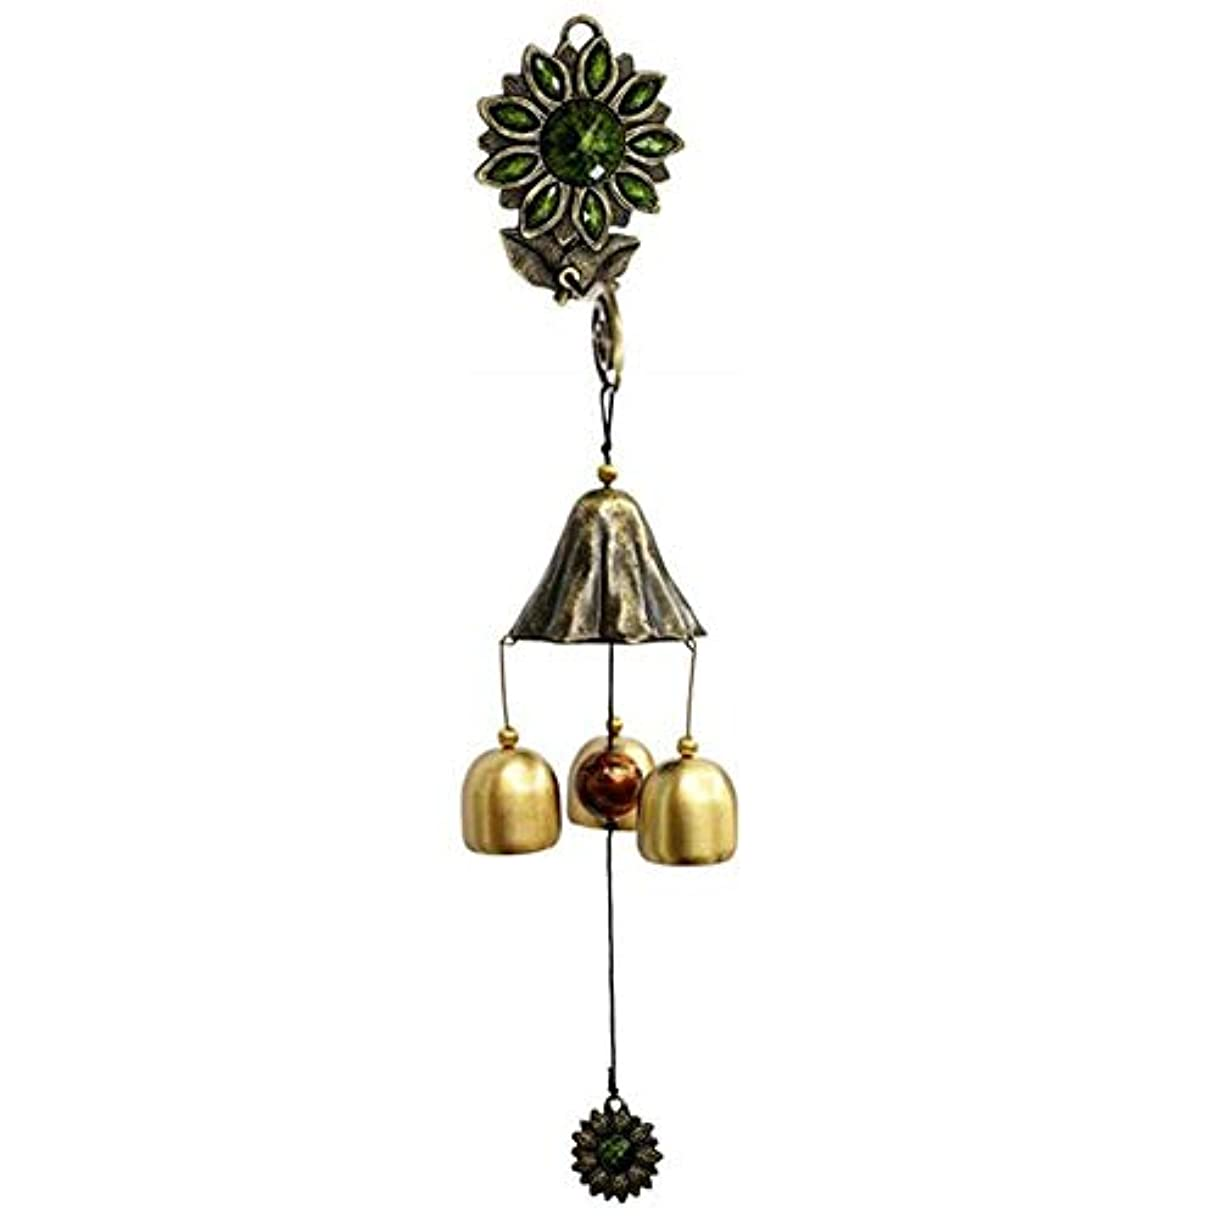 風刺記念日想像するAishanghuayi 風チャイム、ガーデンメタルクリエイティブひまわり風の鐘、グリーン、全長約35CM,ファッションオーナメント (Color : Green)